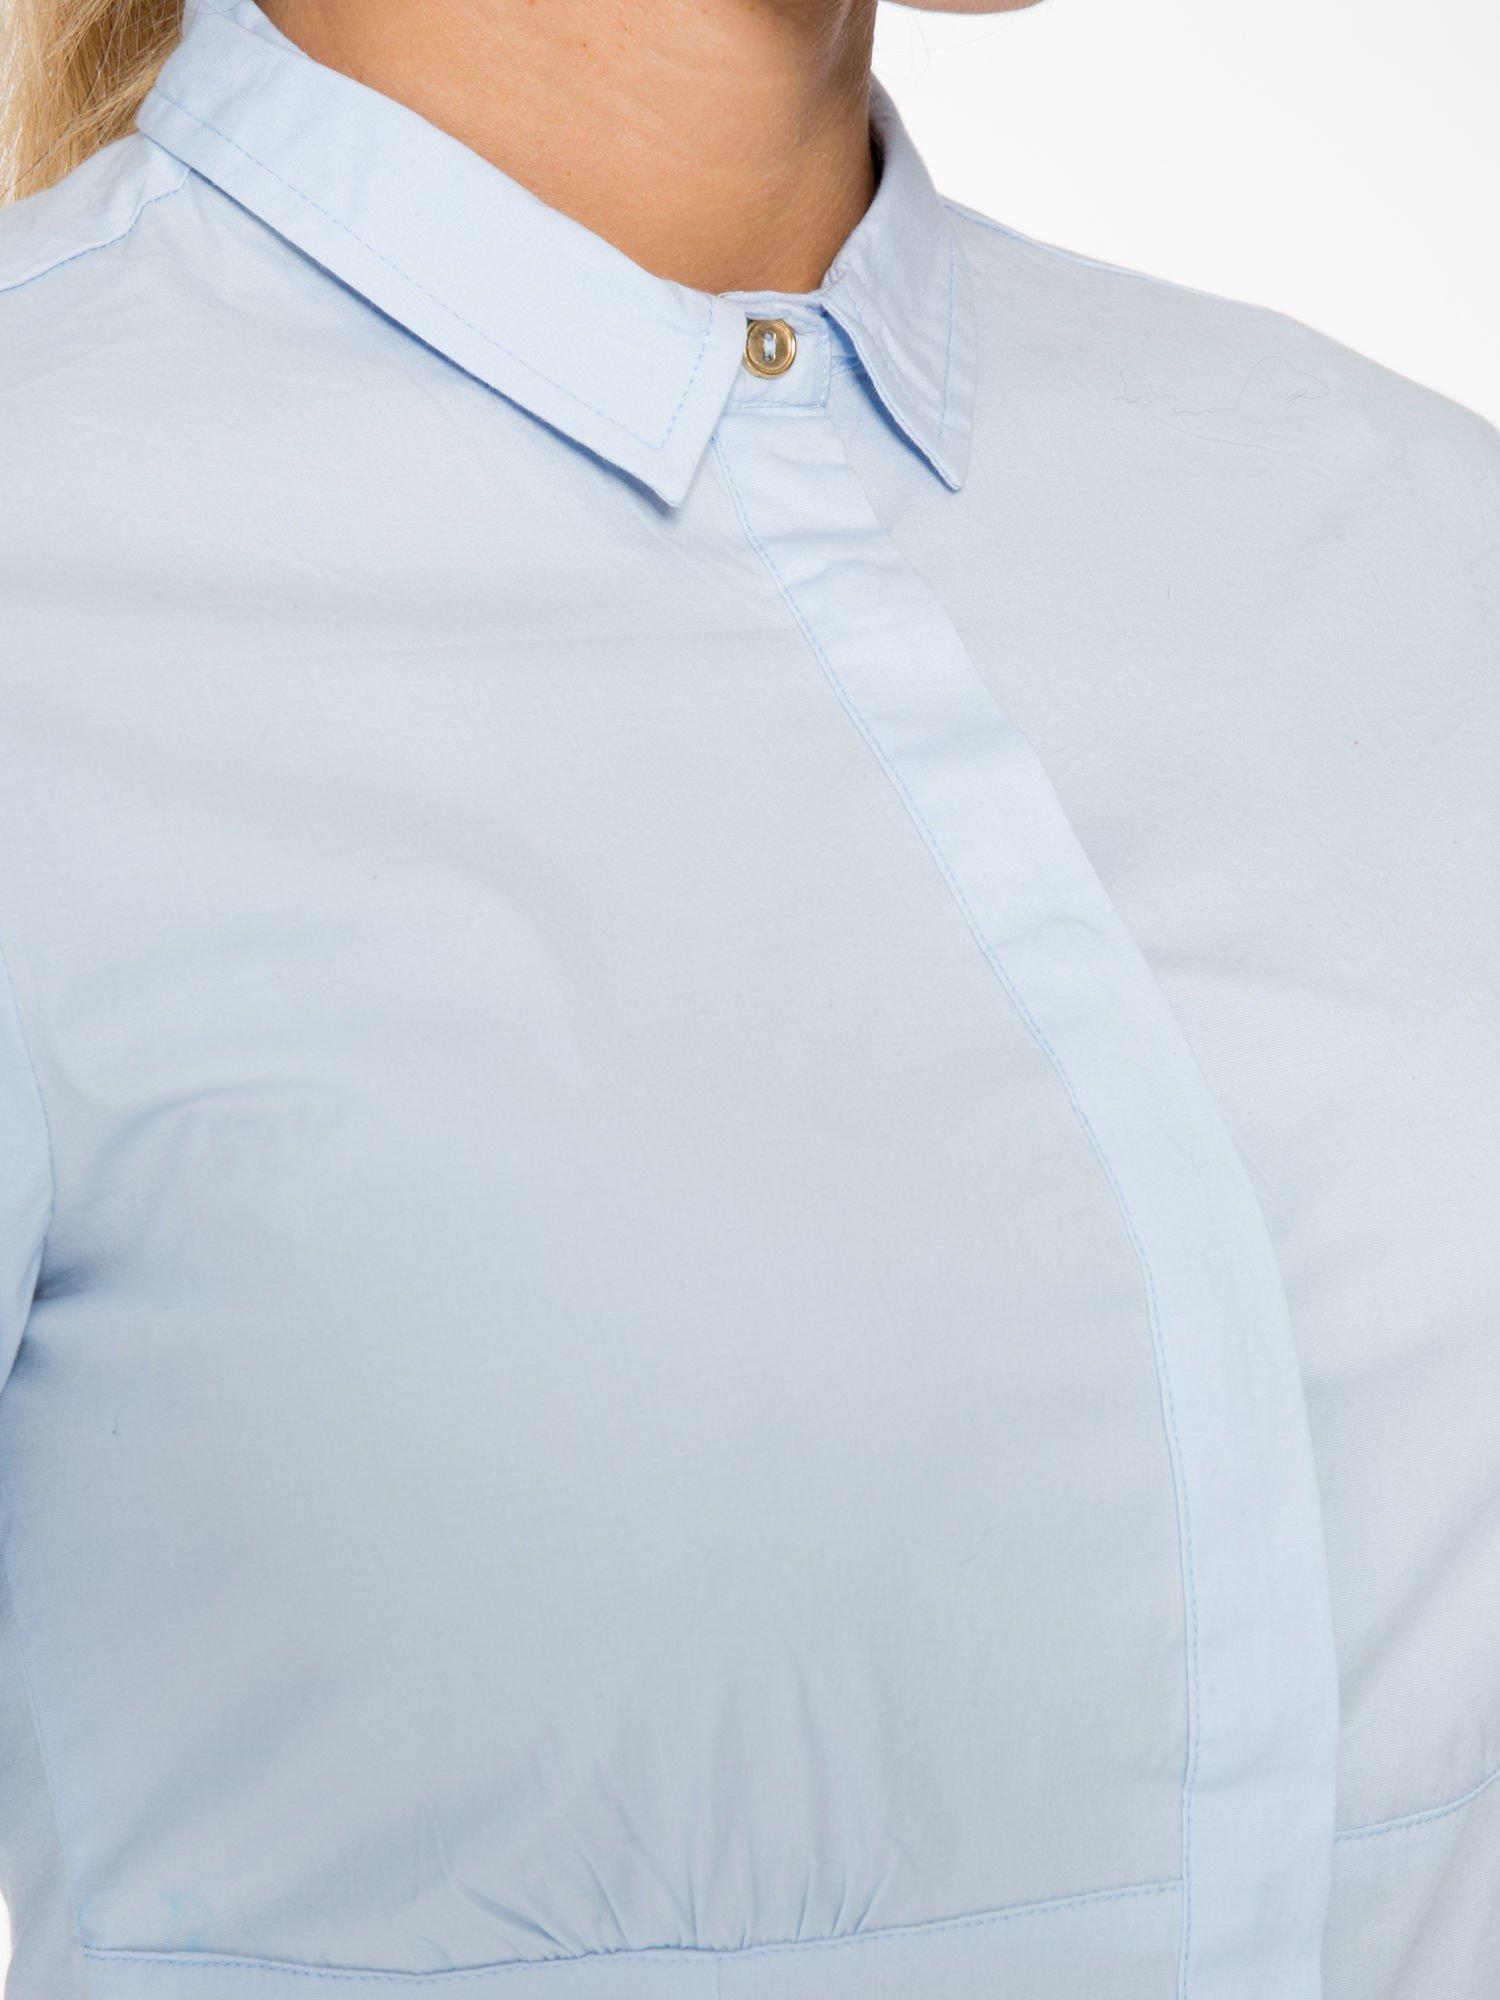 Jasnoniebieska koszula damska odcinana pod biustem z marszczeniem                                  zdj.                                  5